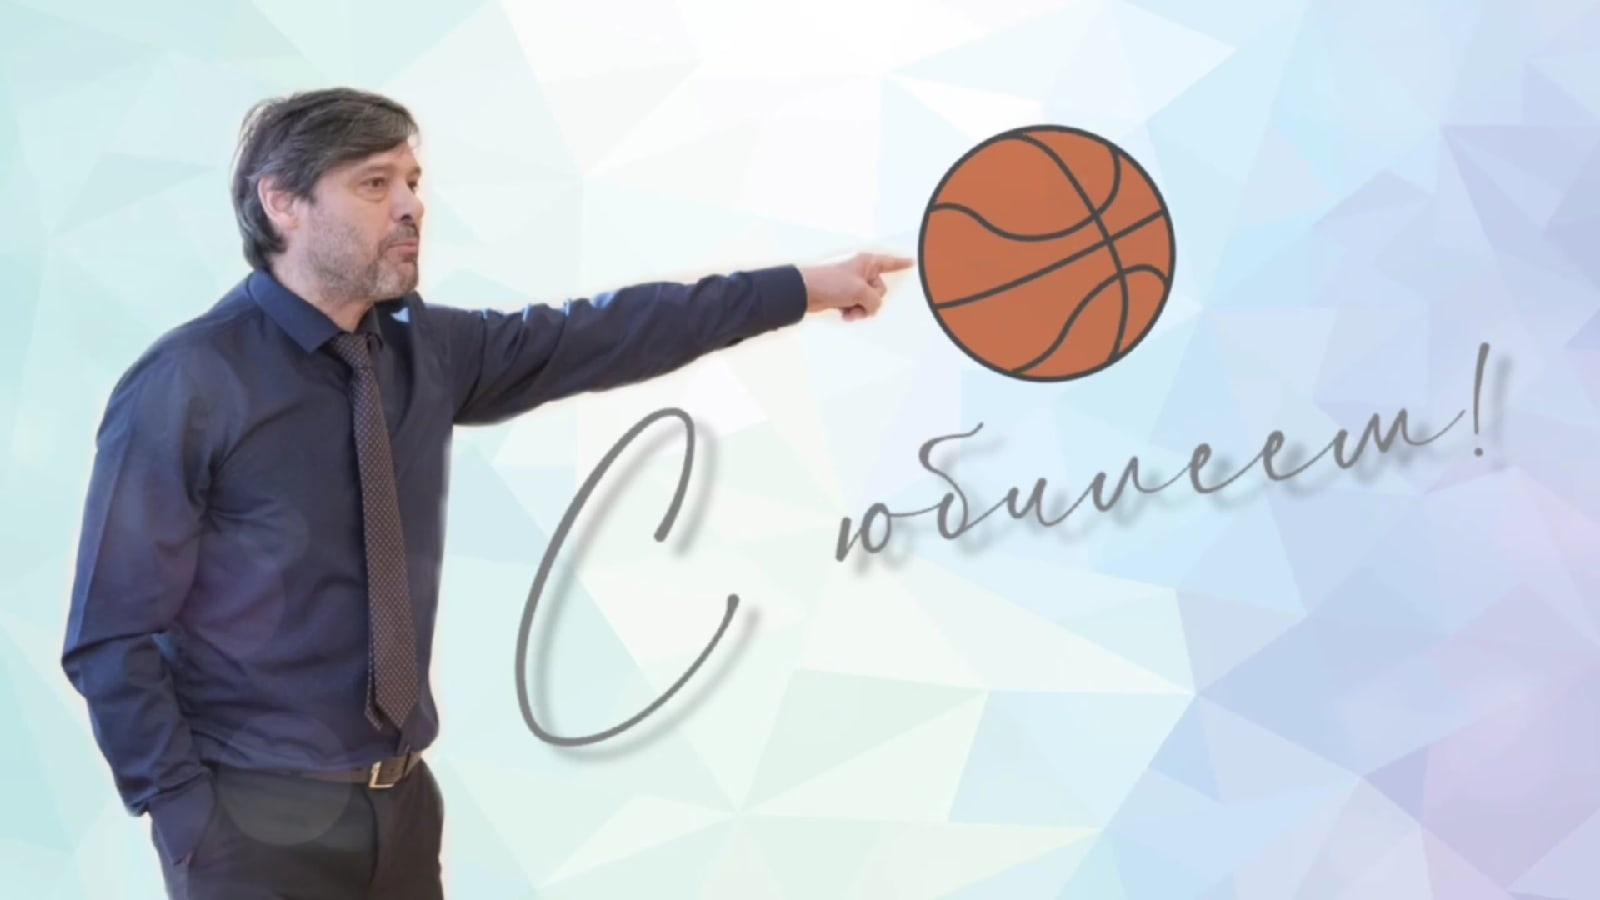 Сегодня Трапезникову Владимиру Витальевичу - создателю спортивного